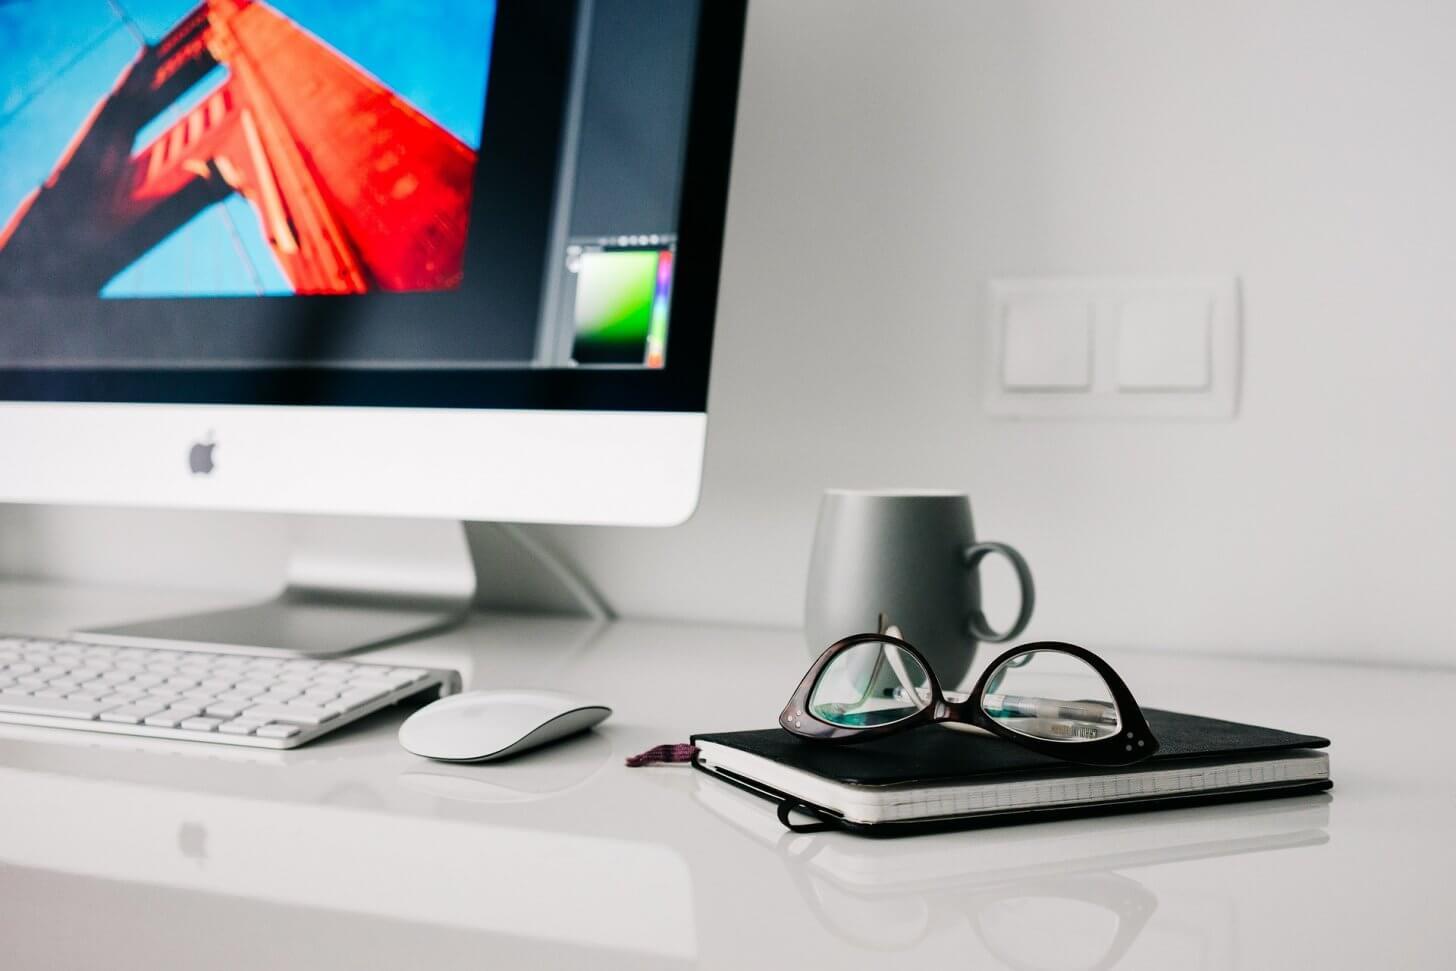 在職中の転職活動と現職の会社の仕事をうまく両立させるコツ!メリハリをつけることがポイント